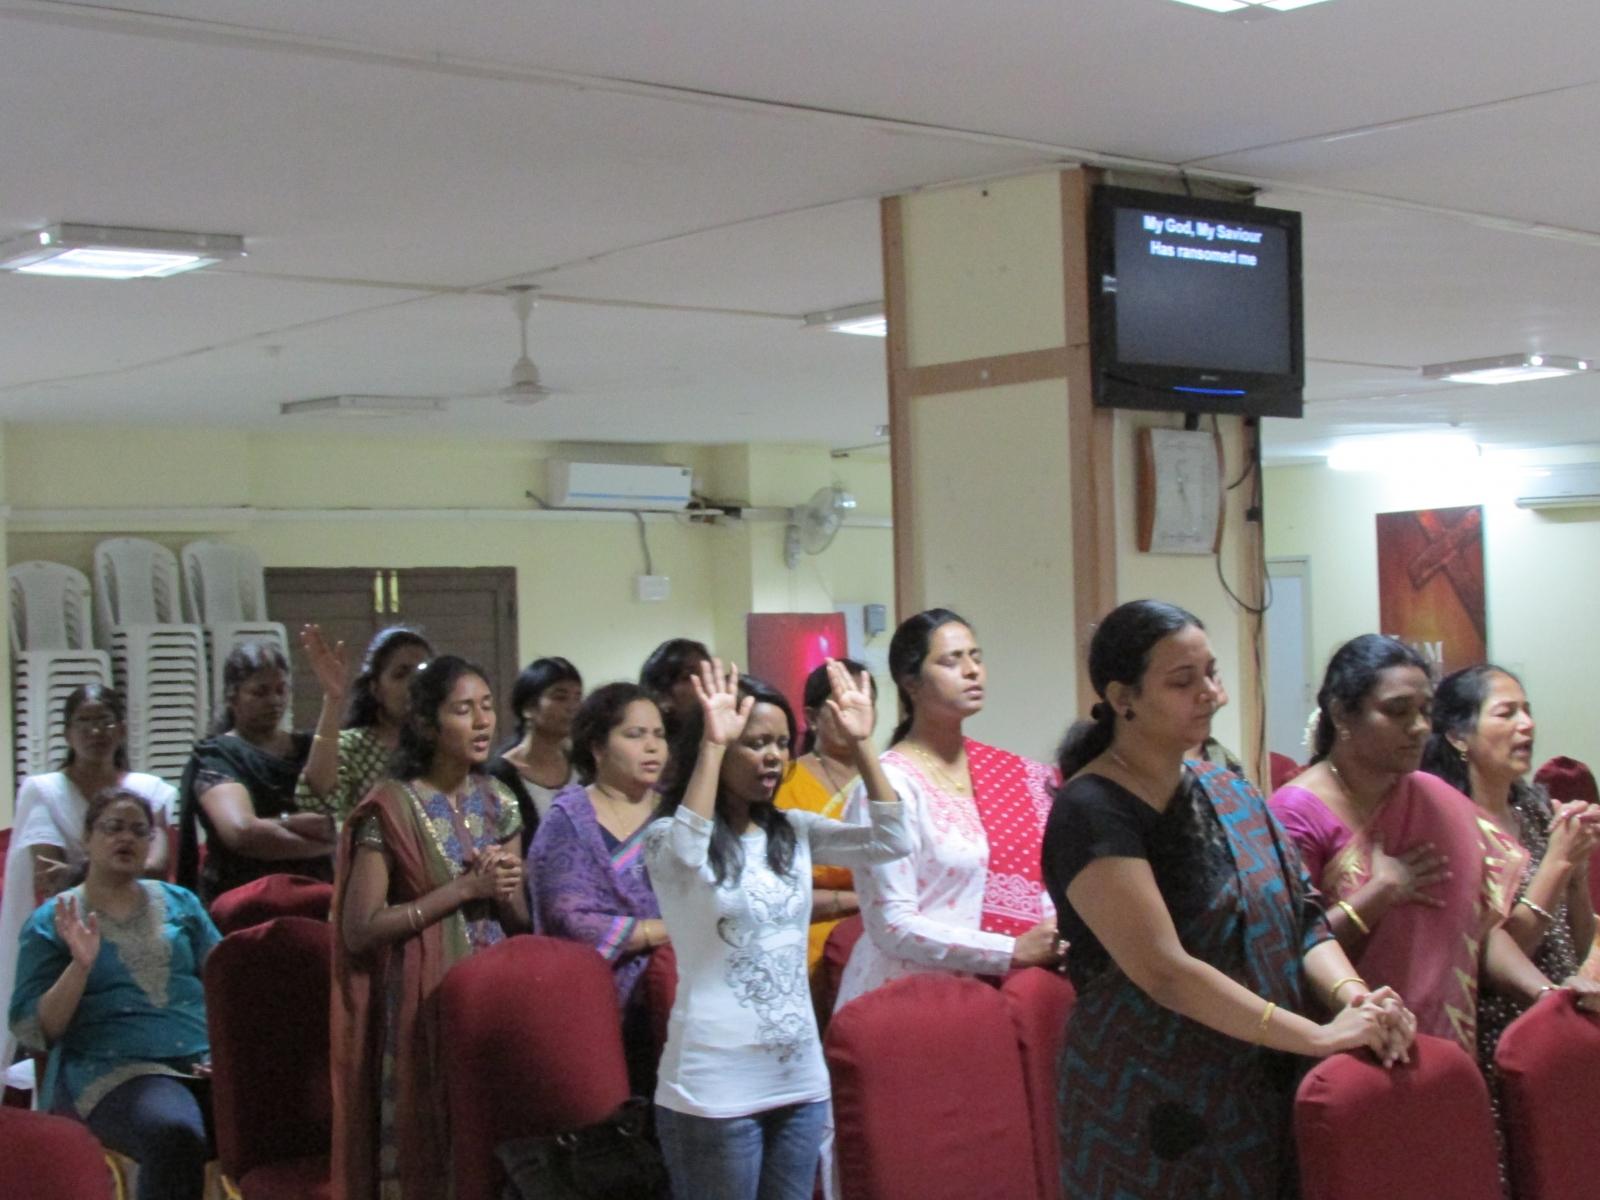 Praise-_-Worship